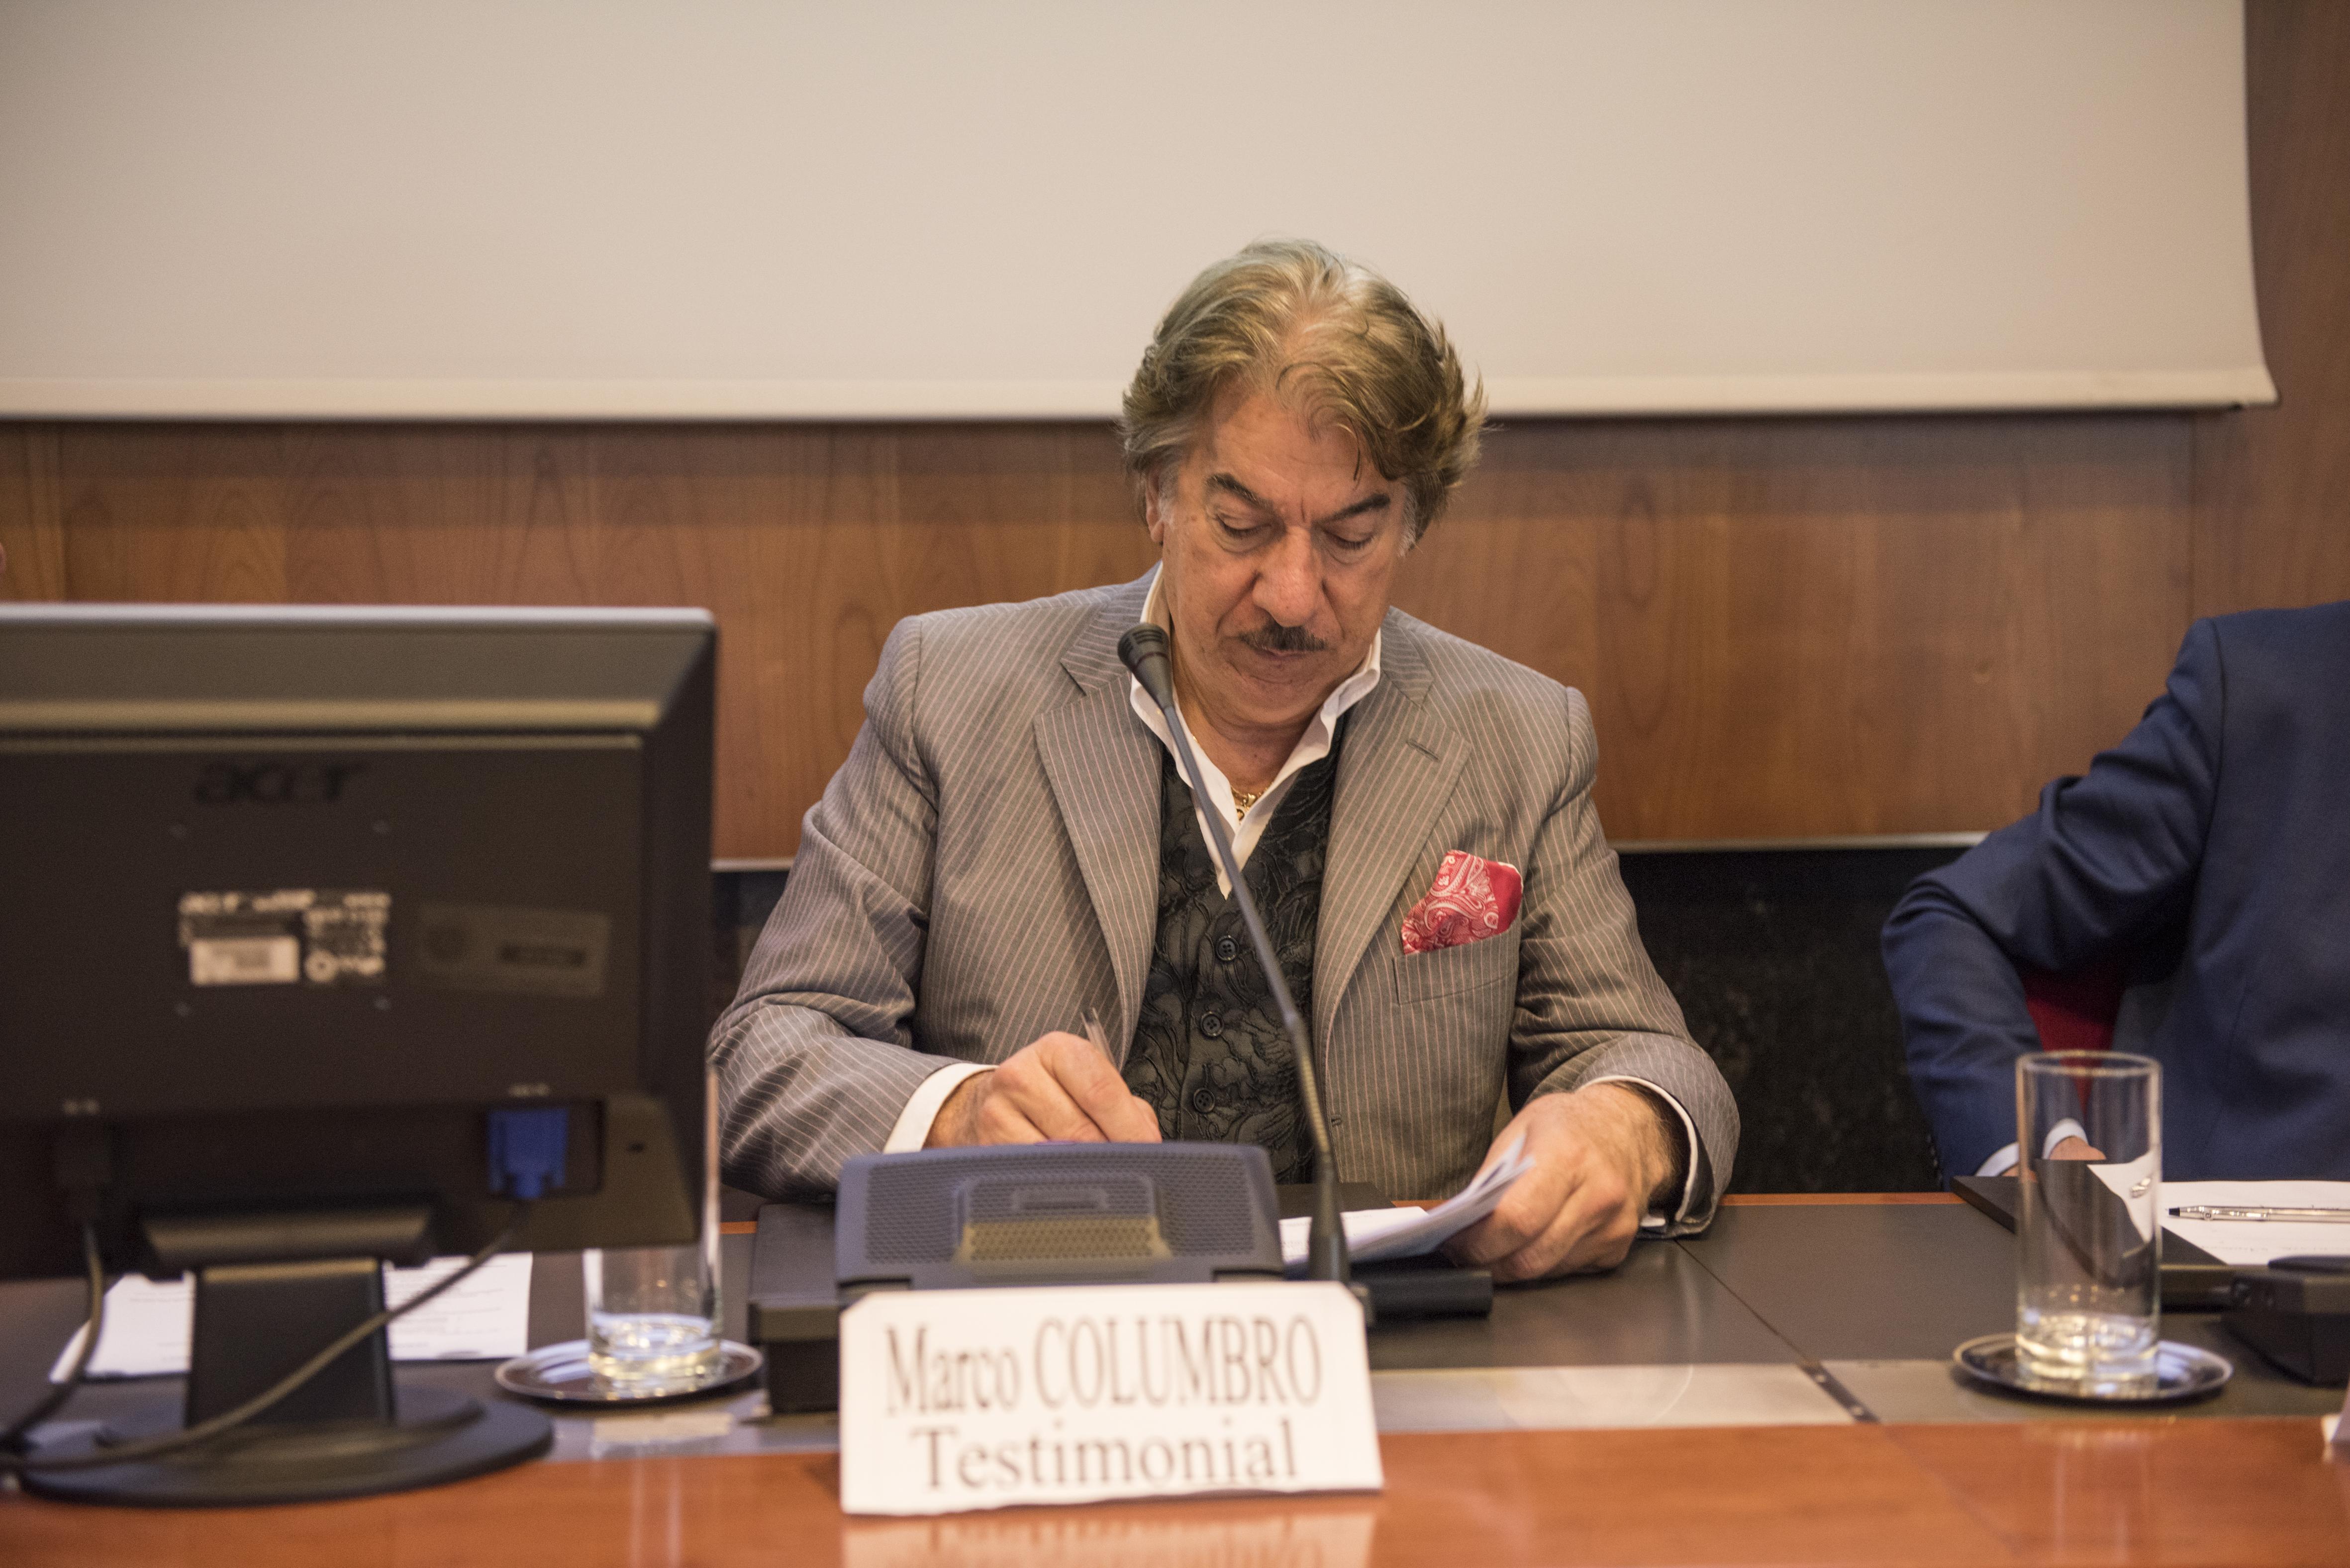 Il Testimonial Marco Columbro.